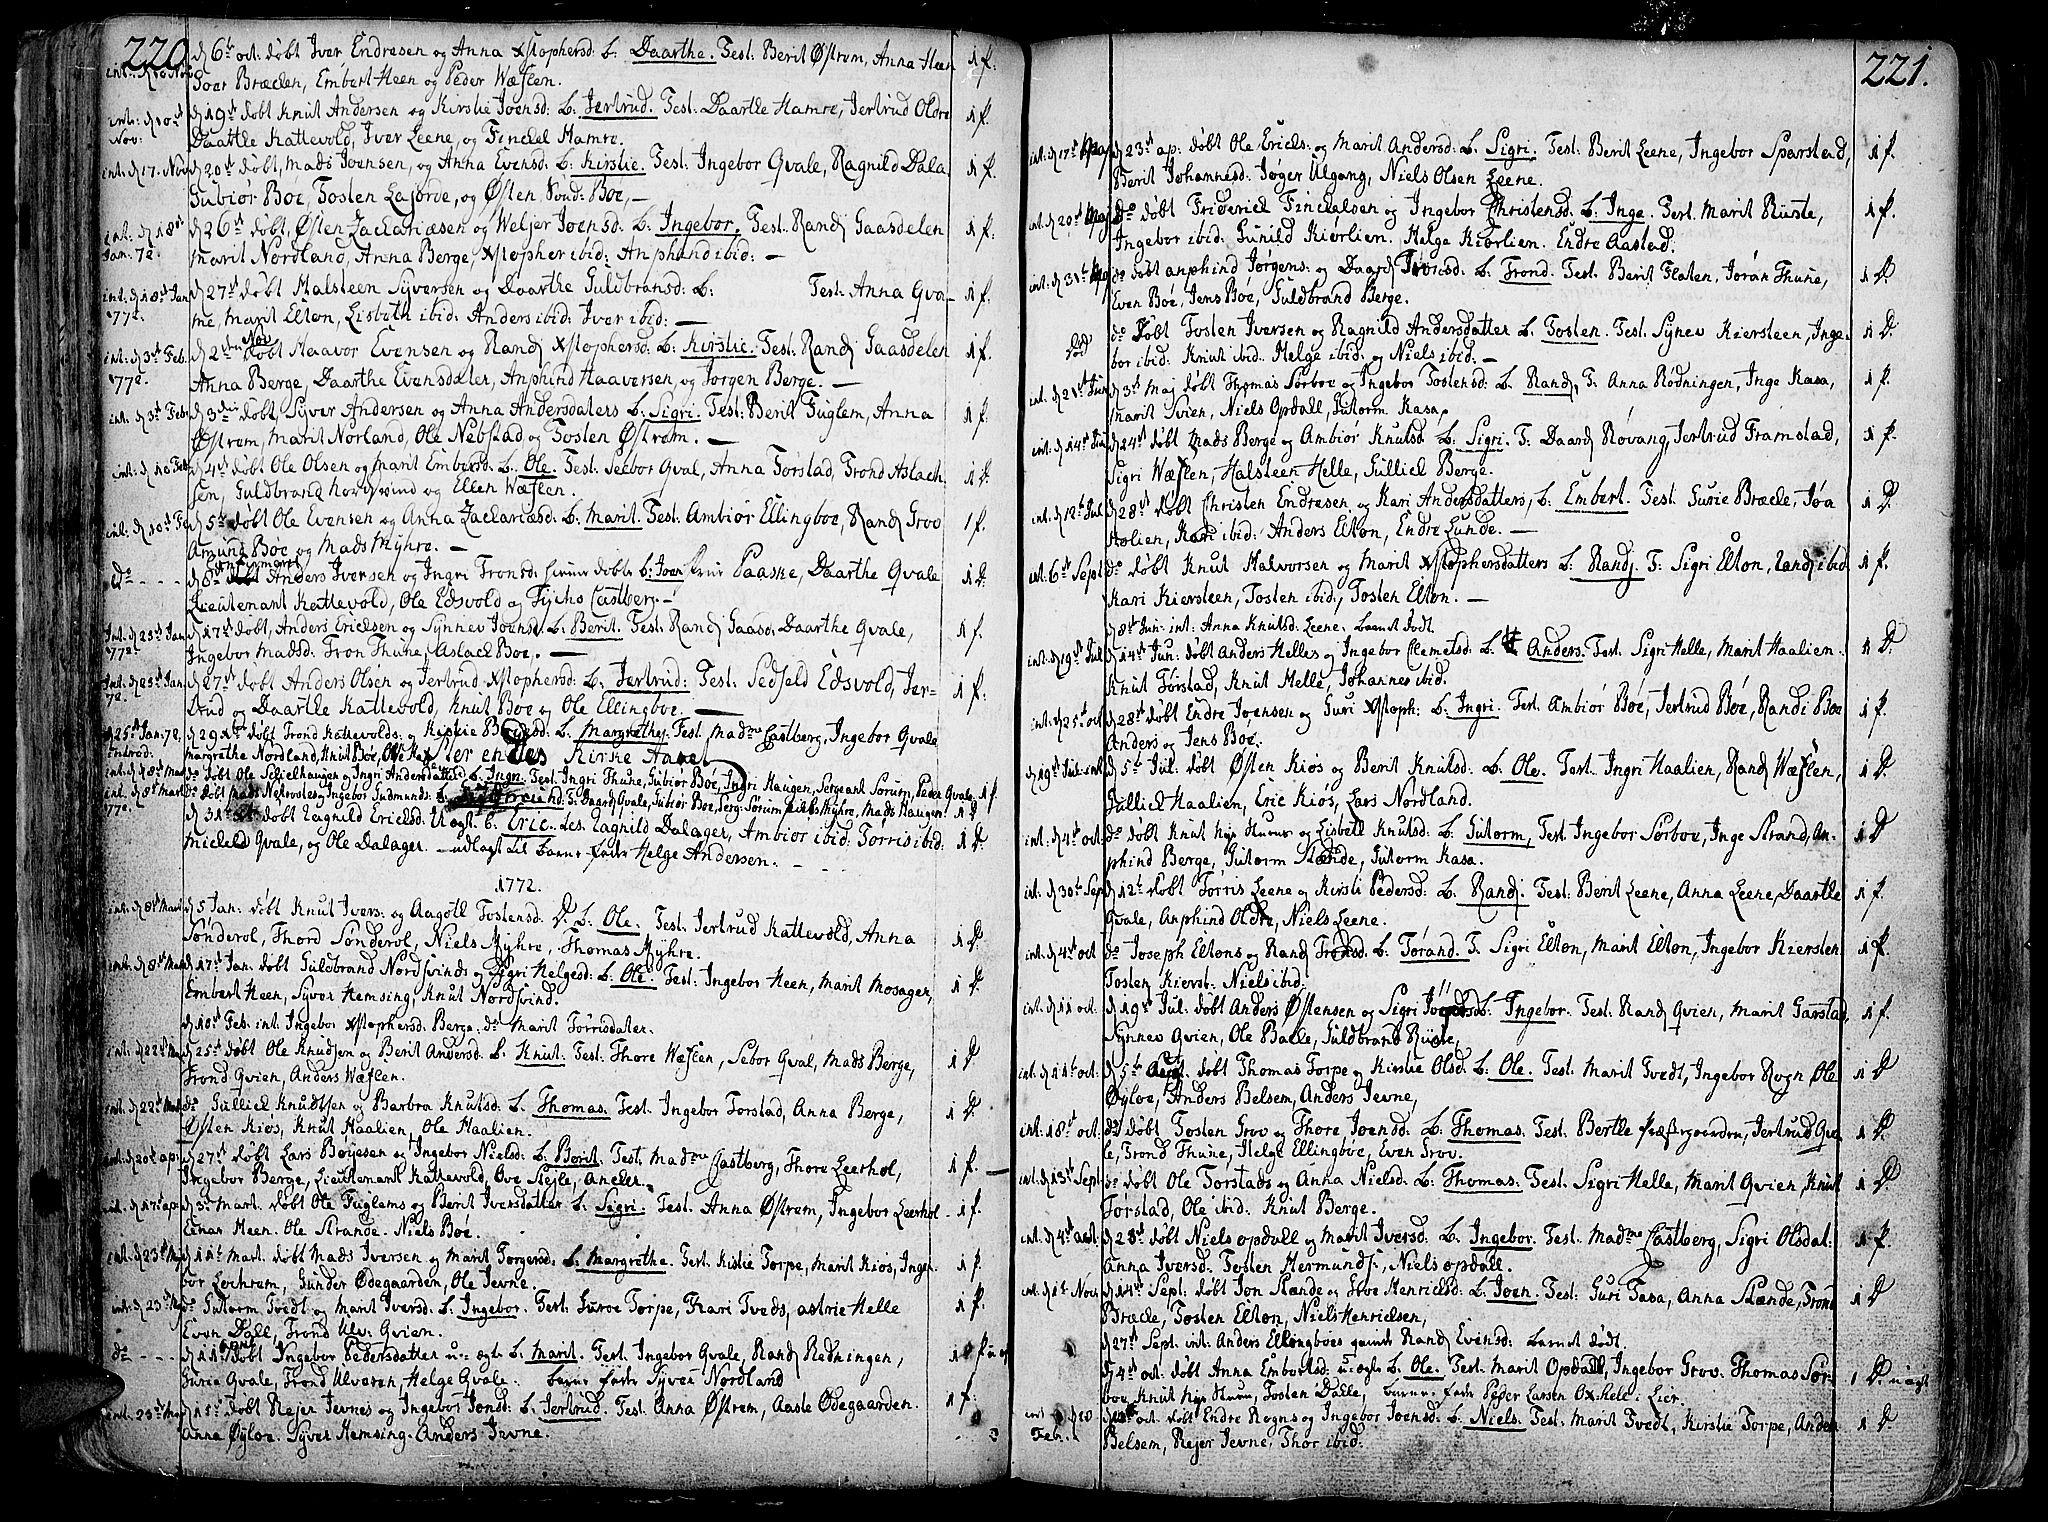 SAH, Vang prestekontor, Valdres, Ministerialbok nr. 1, 1730-1796, s. 220-221